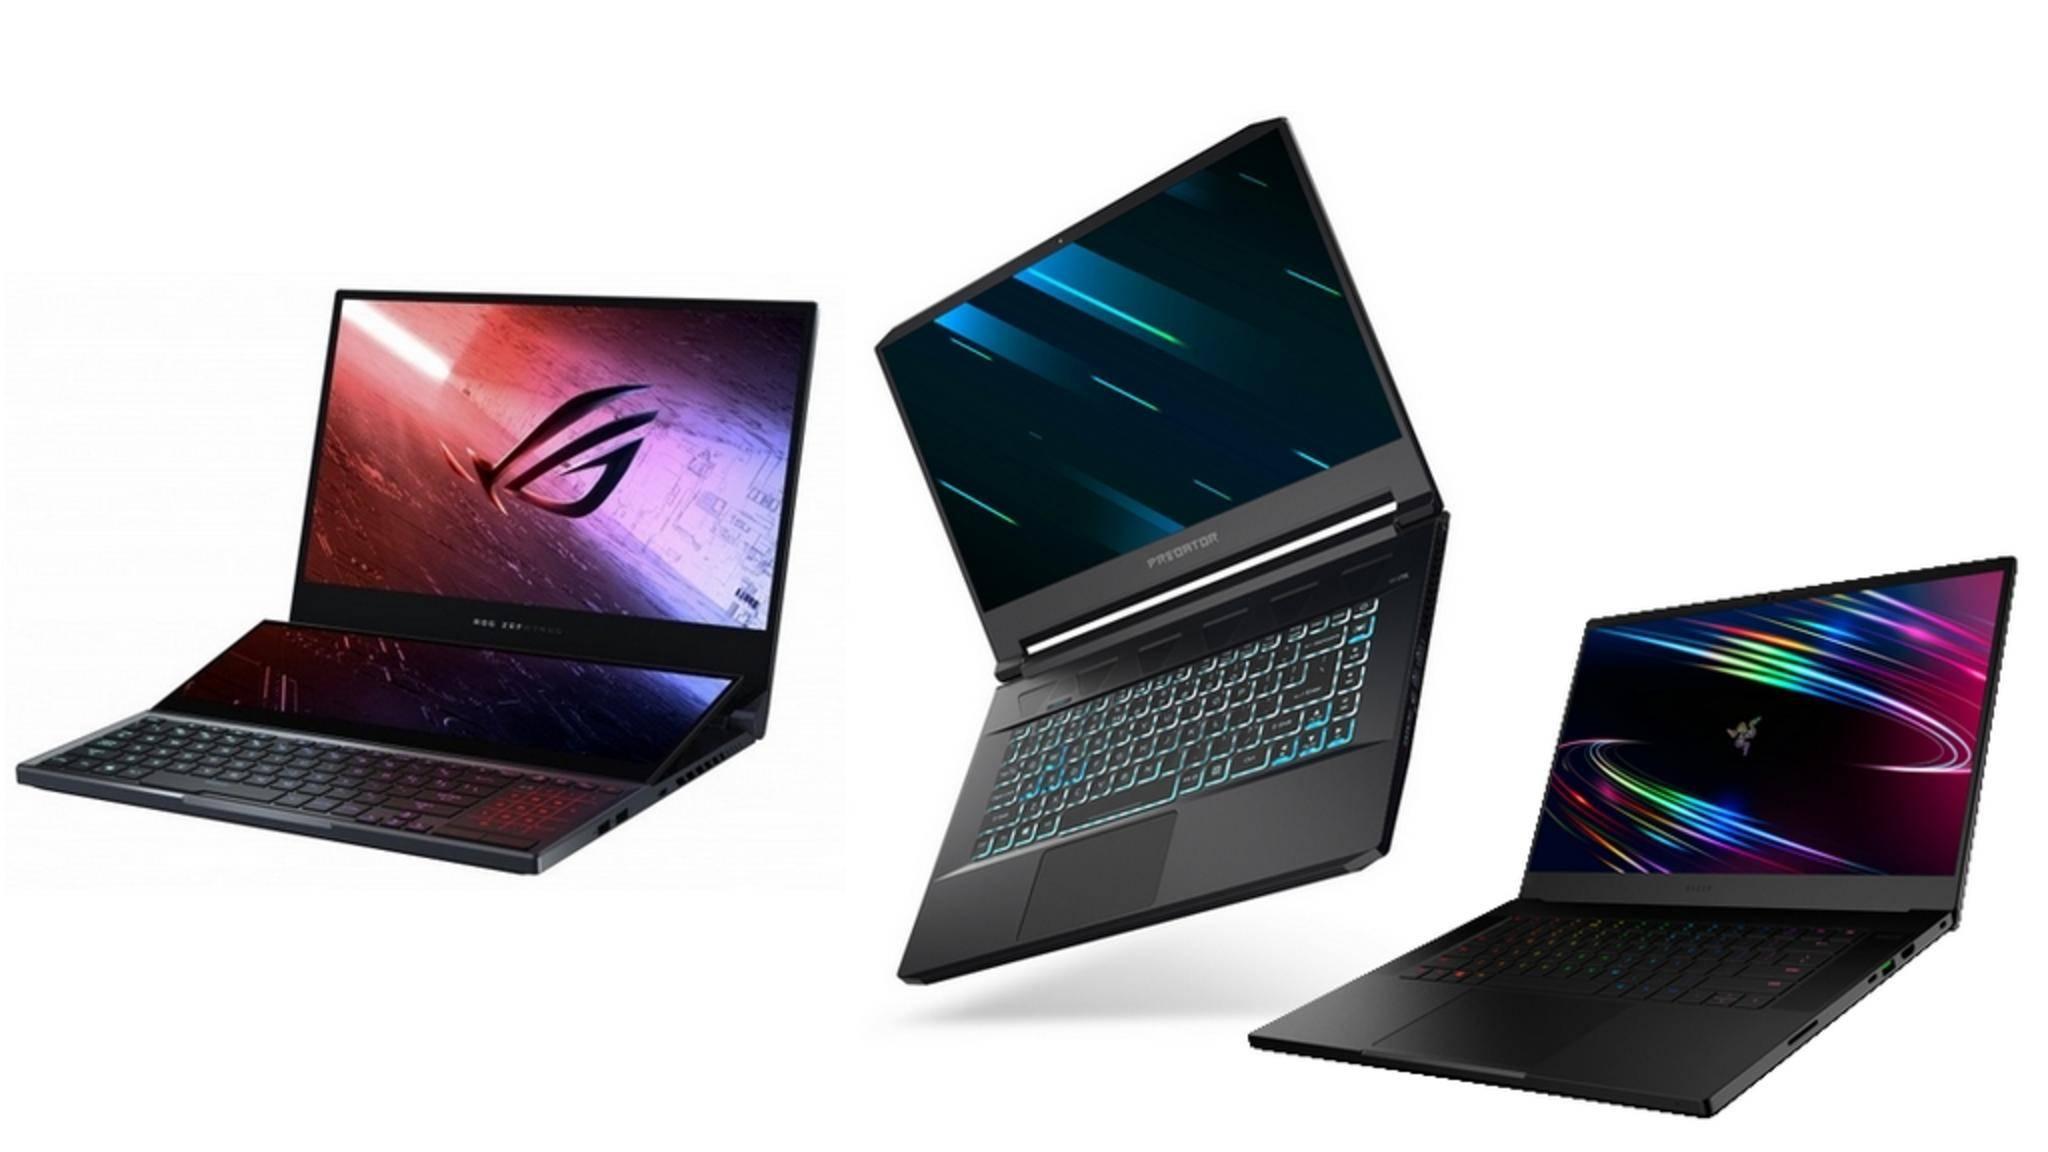 Die ersten Laptops mit den neuen Intel-Prozessoren sind im Anmarsch.